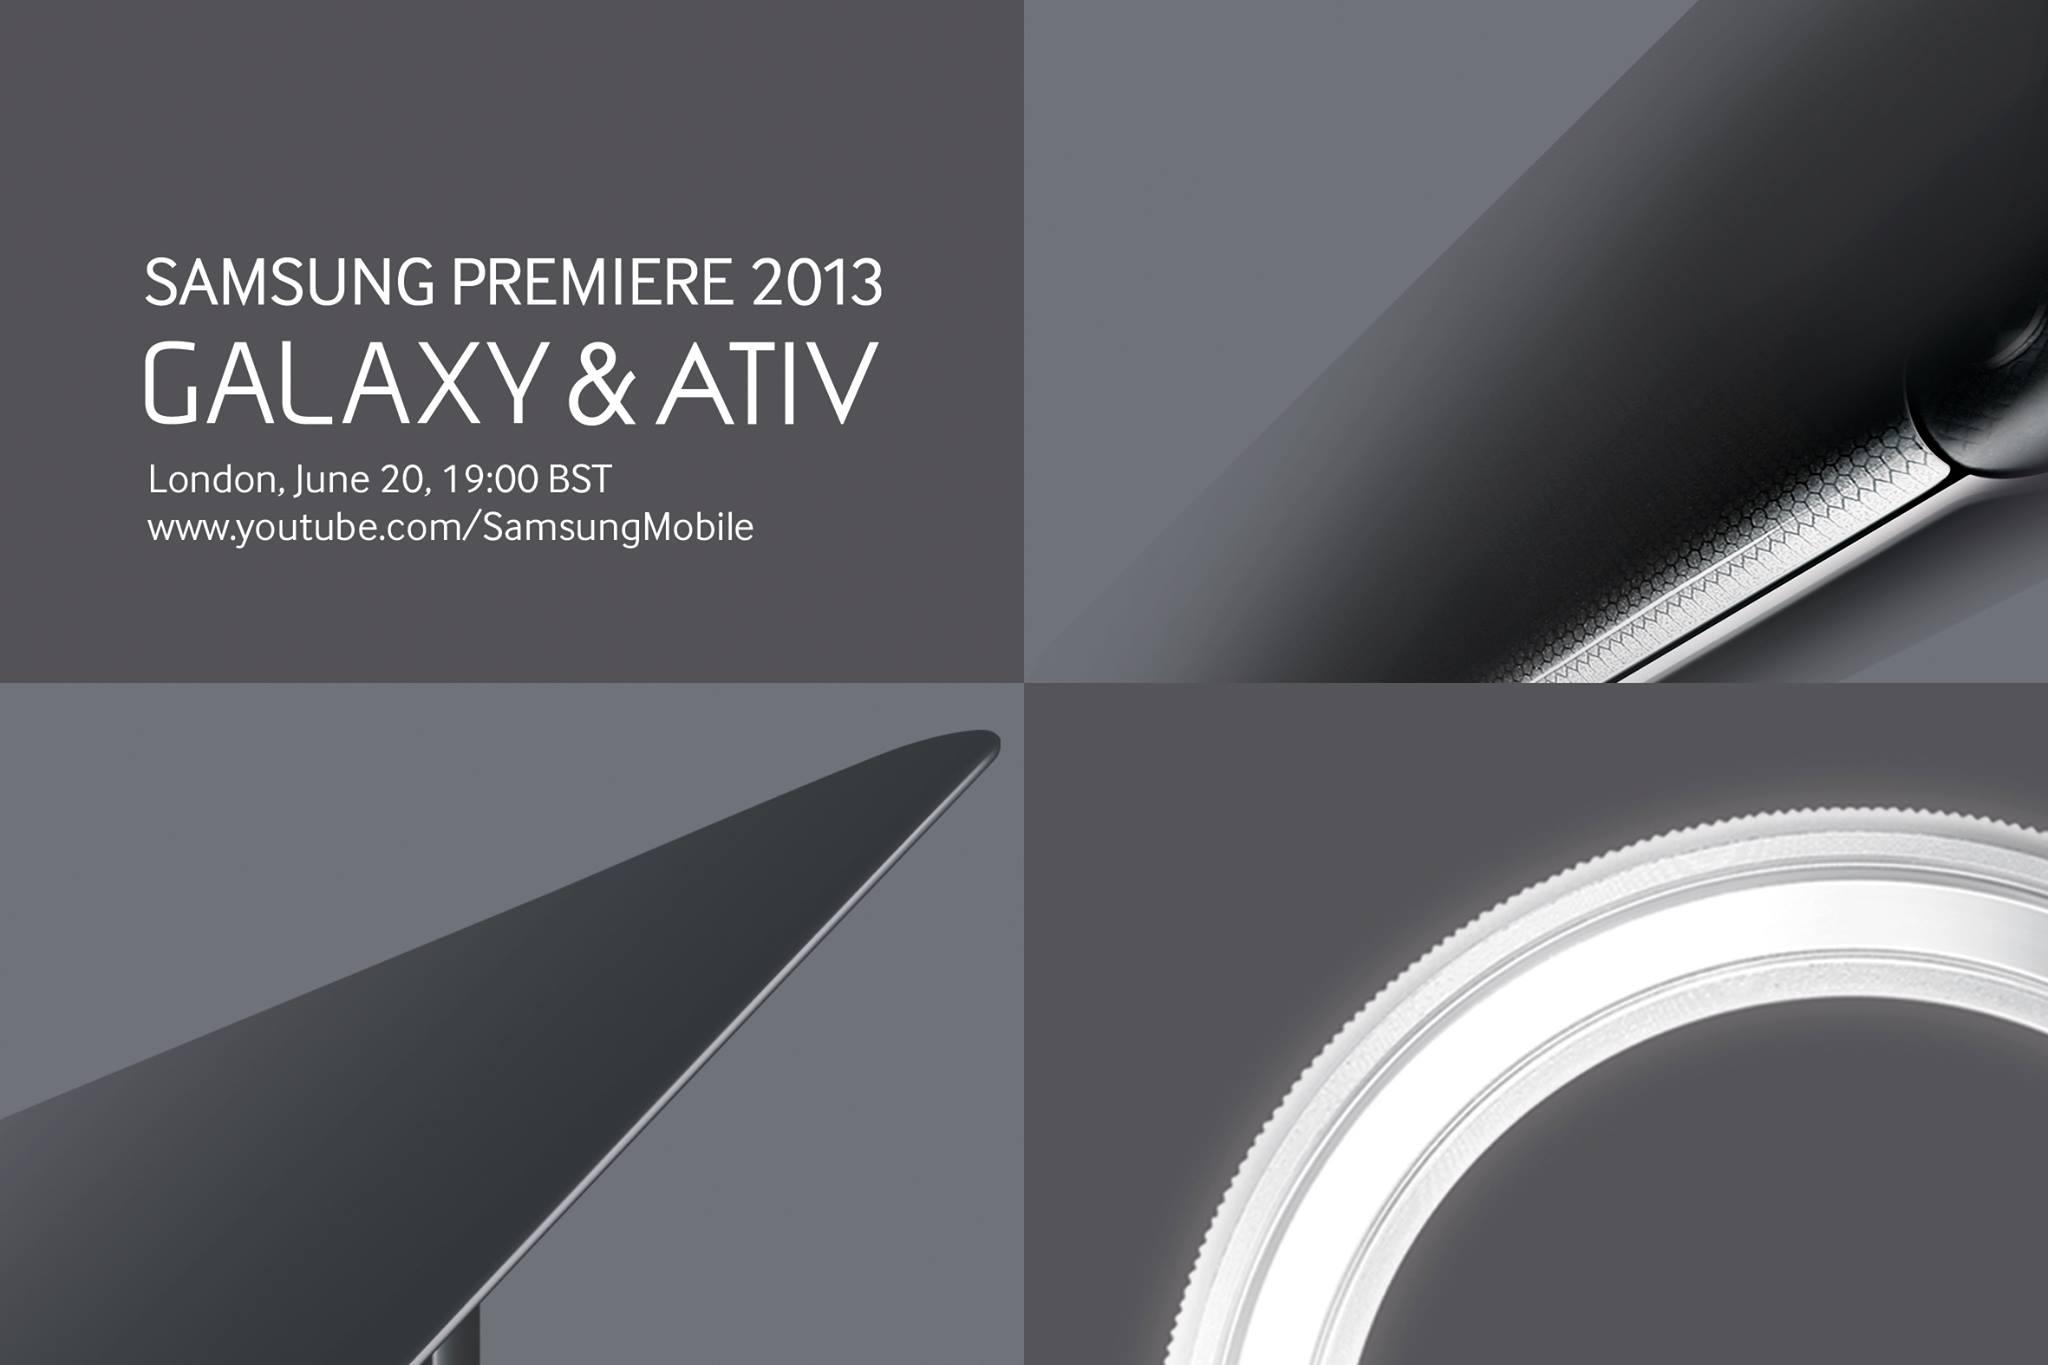 Samsung-Premiere-2013-GALAXY-ATIV